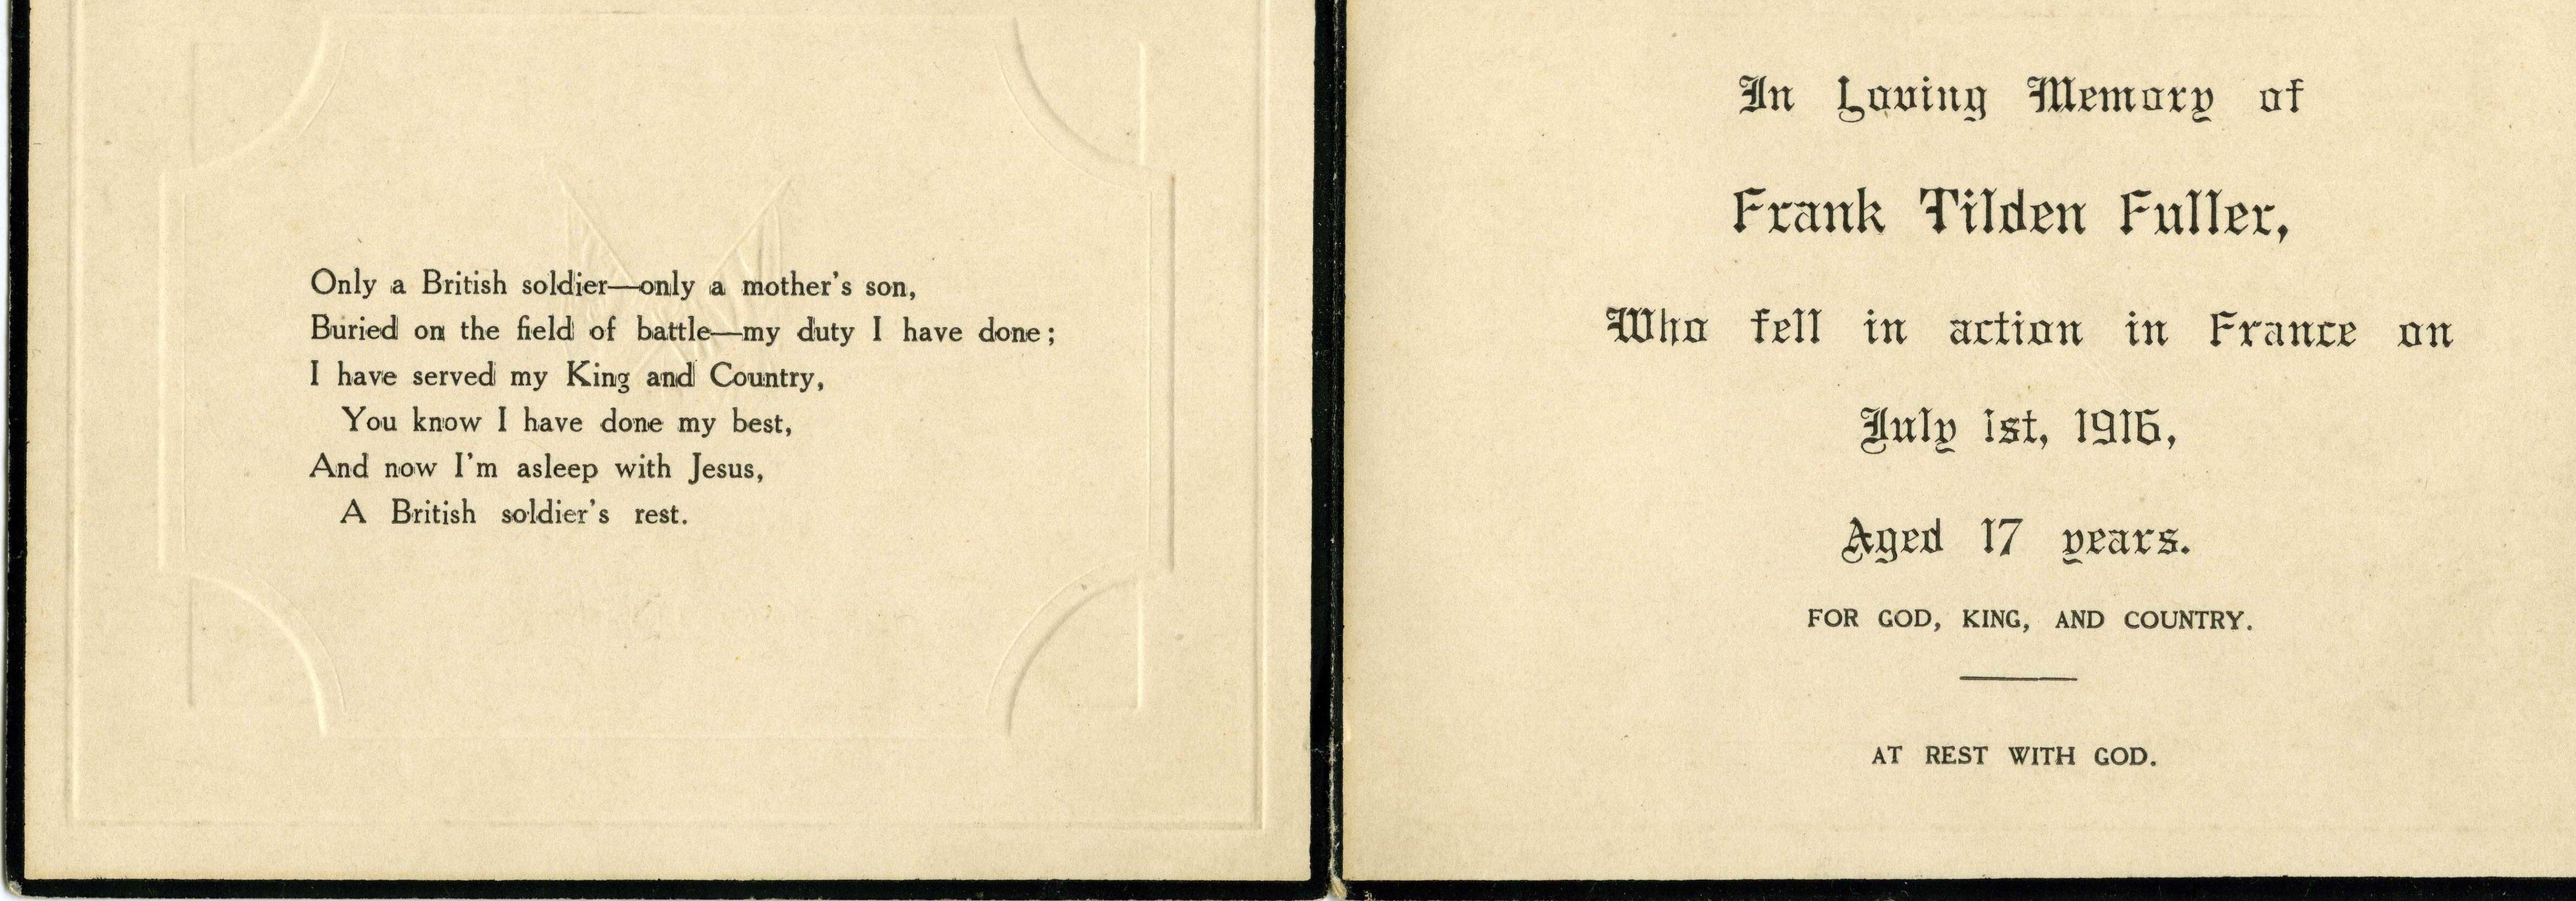 Framk Tilden Fuller.jpg